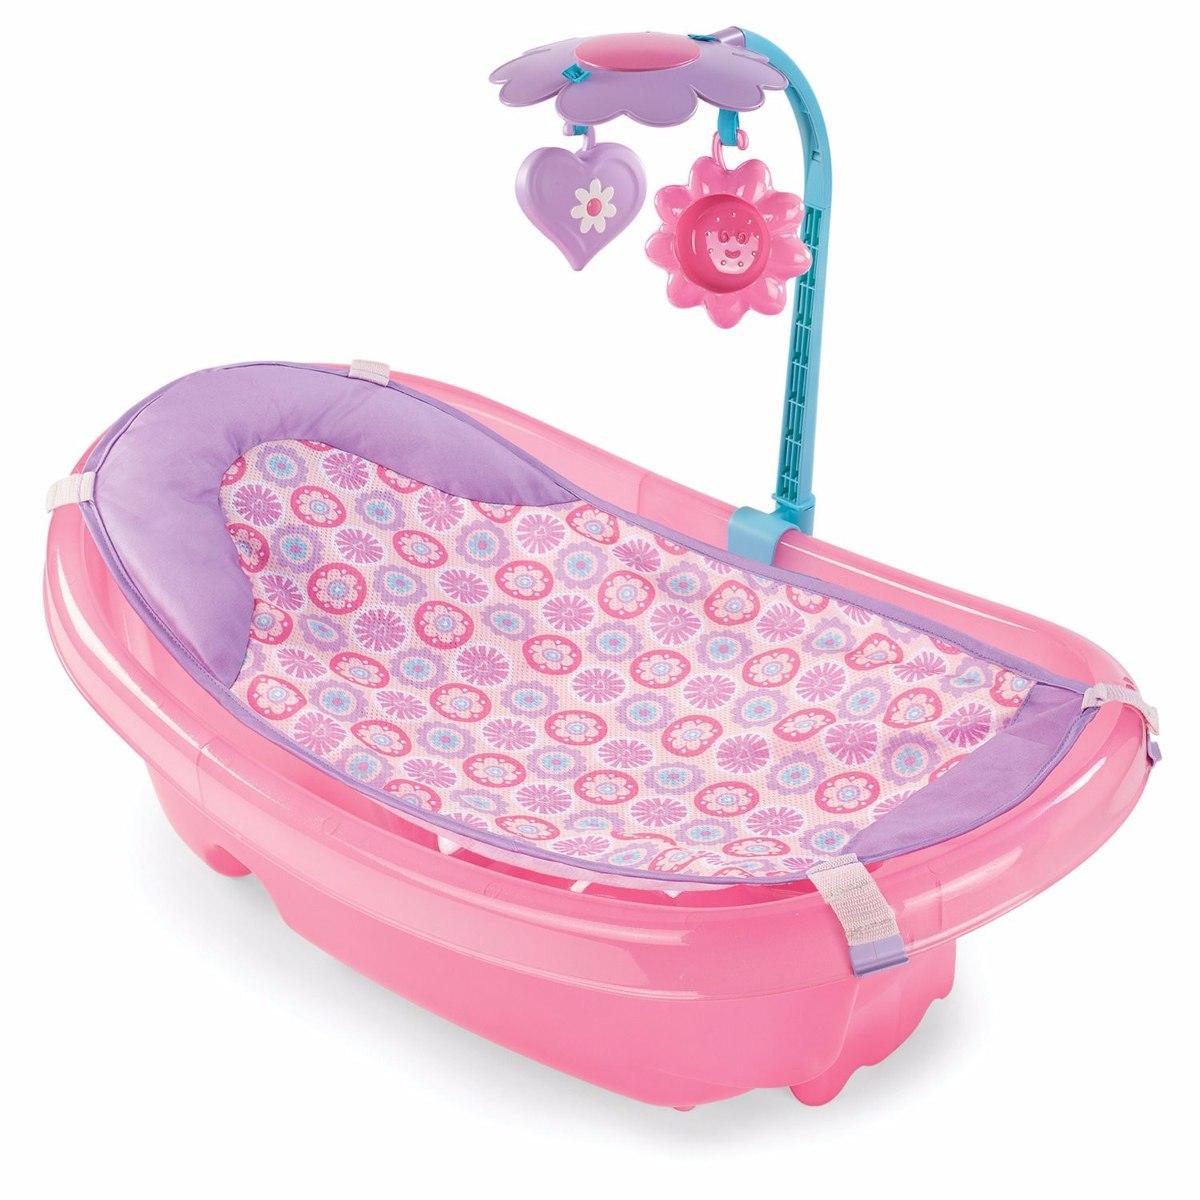 Ba era ni a ba o bebe 3 in 1 summer infant ergonomica rosa for Sillas para bebes 3 en 1